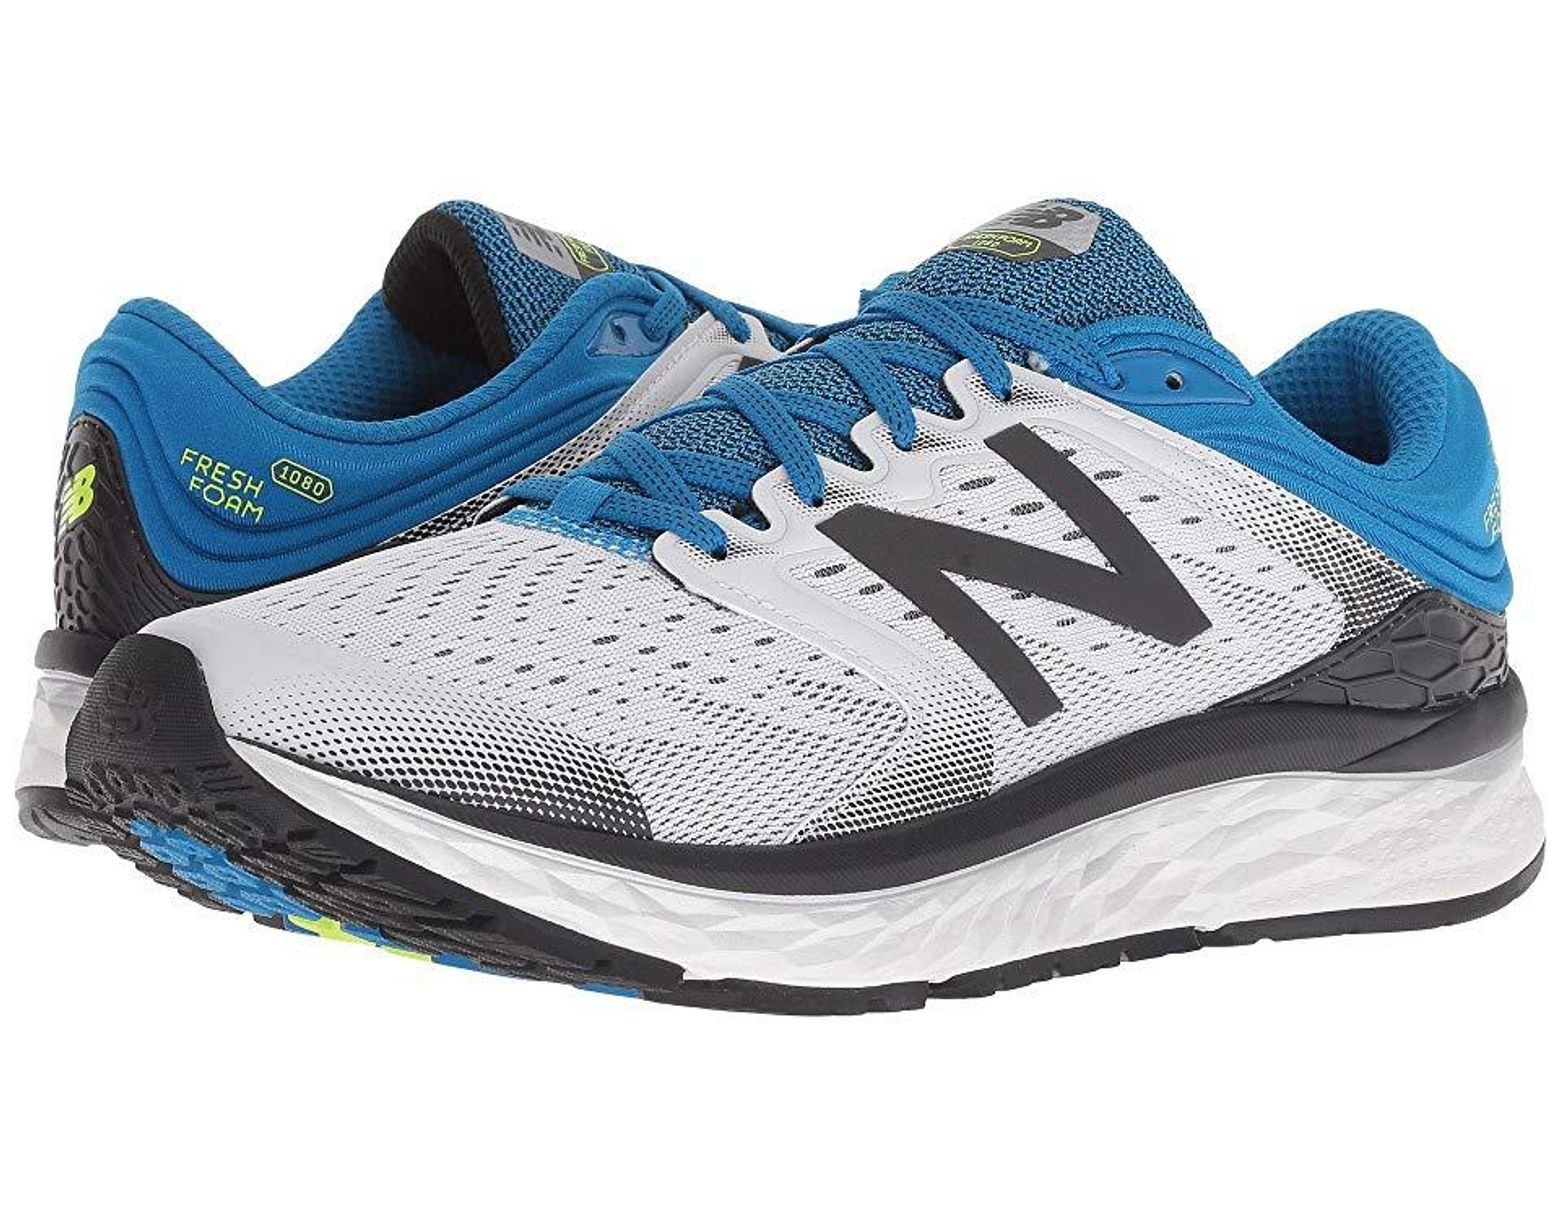 Men's Fresh Foam 1080v8 (whitelaser Blue) Running Shoes